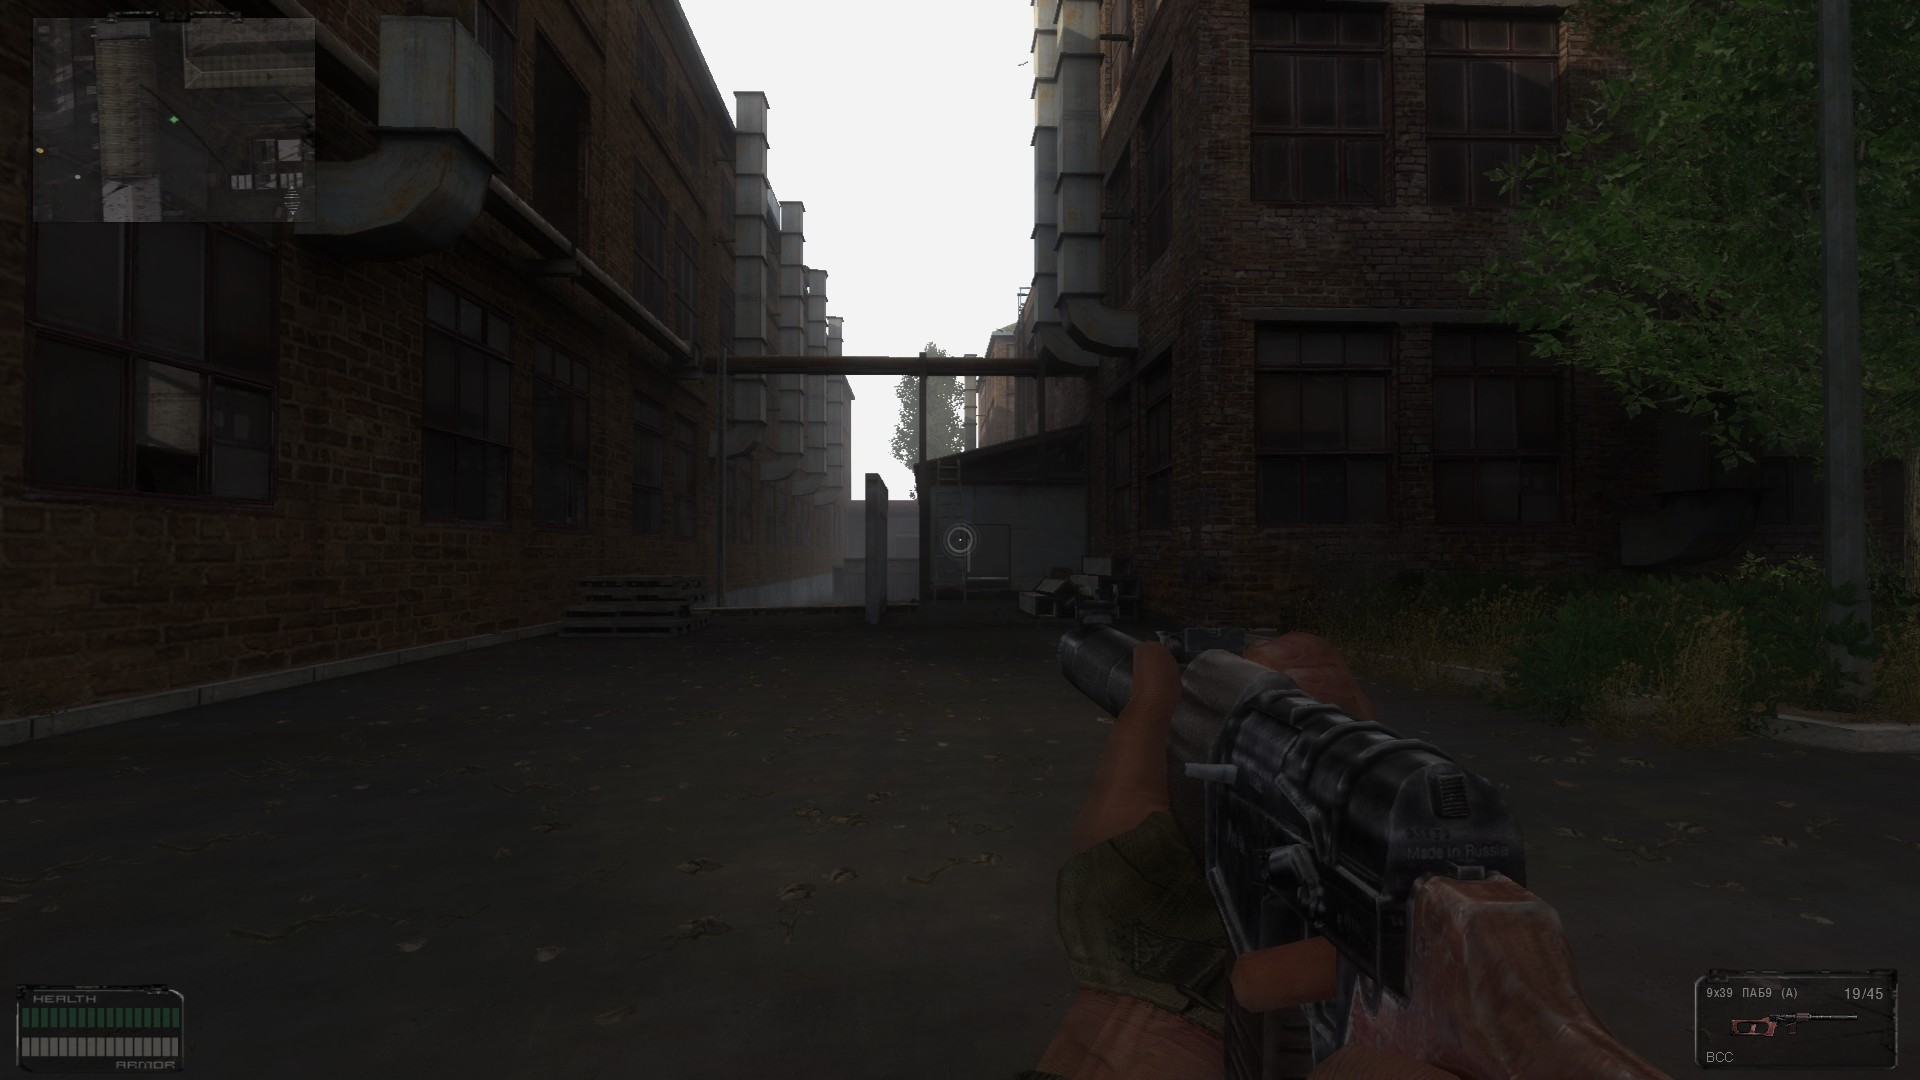 Oblivion Lost Remake 2.5 image 198